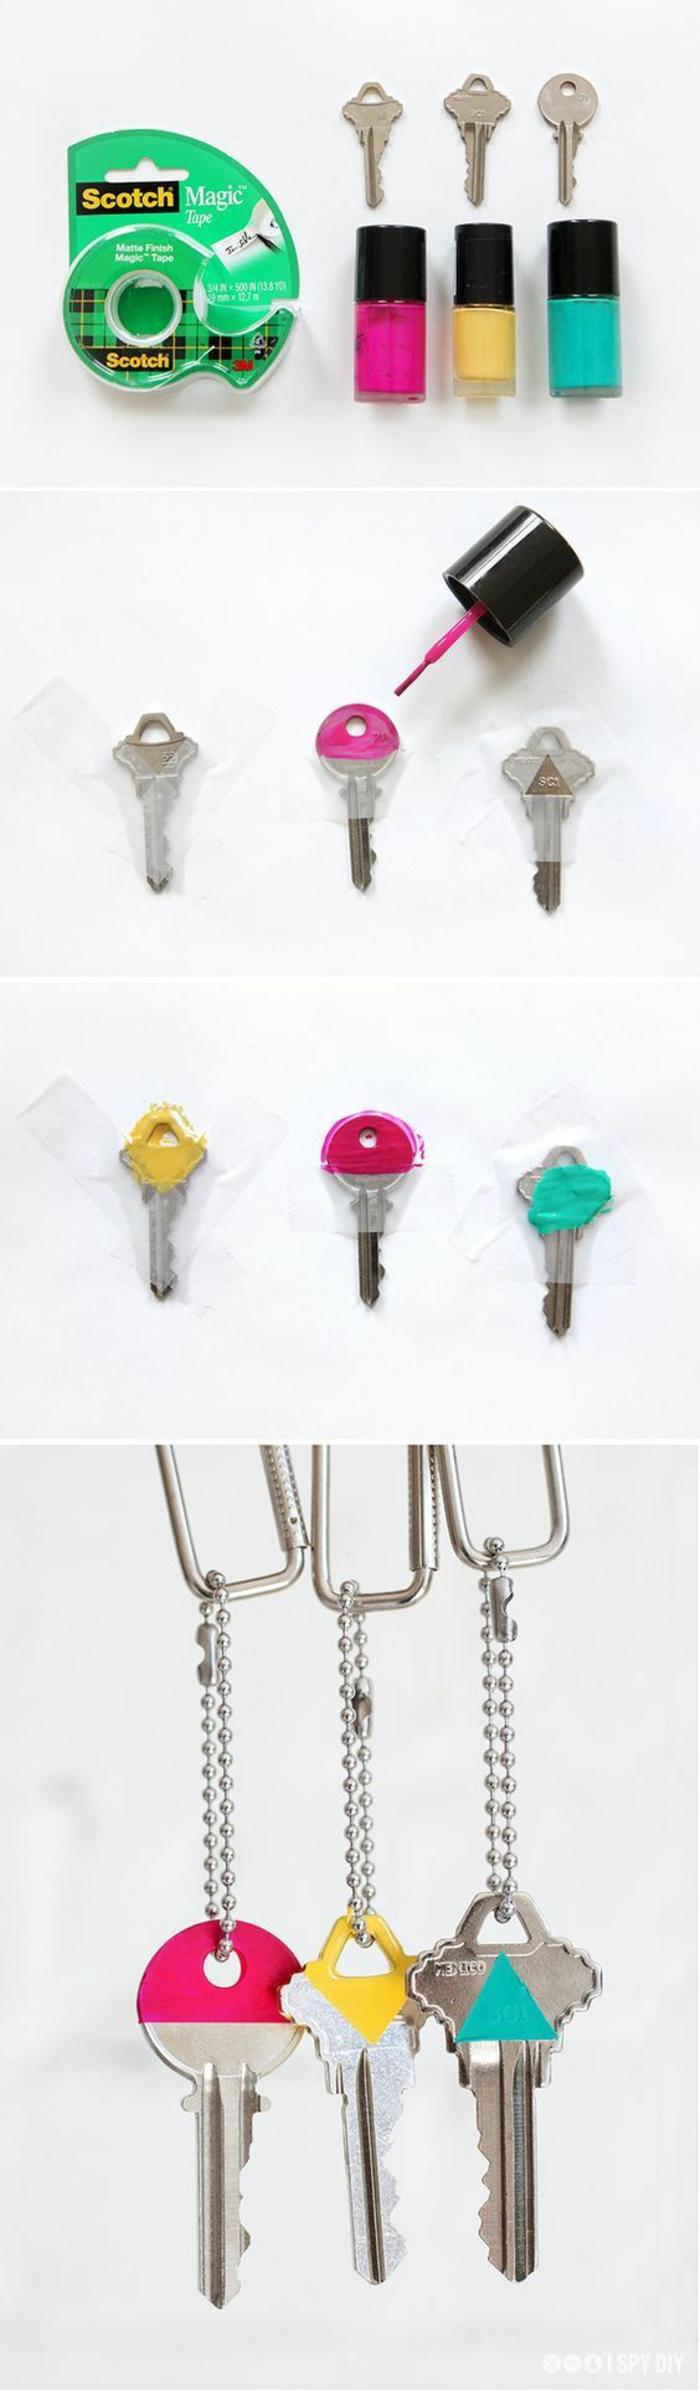 Dipingere le chiave con degli smalti colorati per riconoscerli meglio